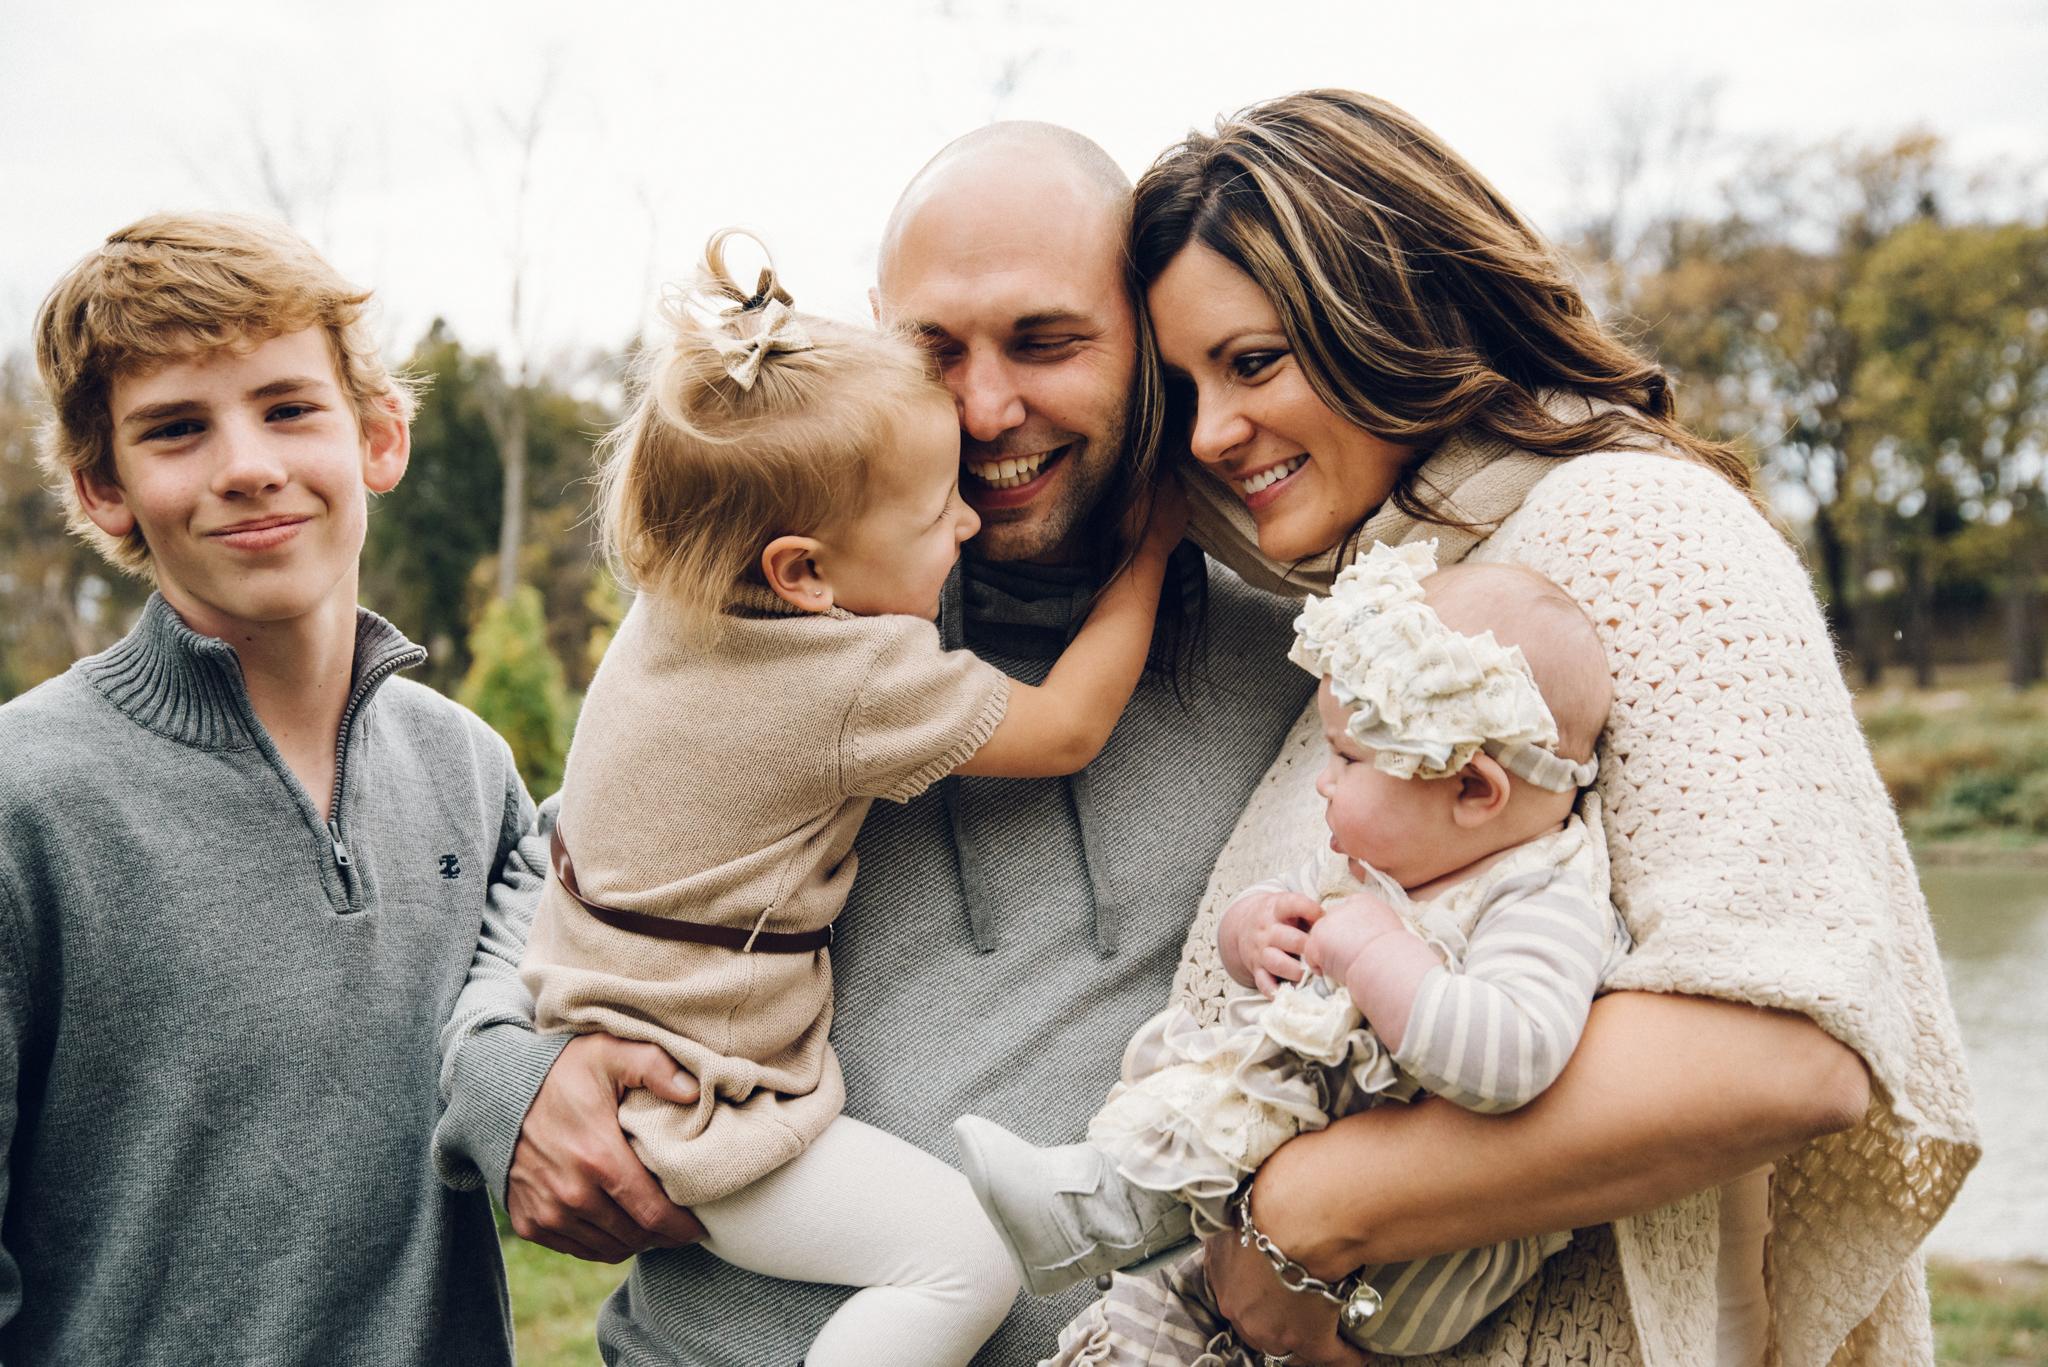 Childrens_Family_Photographer_Fargo_Moorhead-5224.jpg